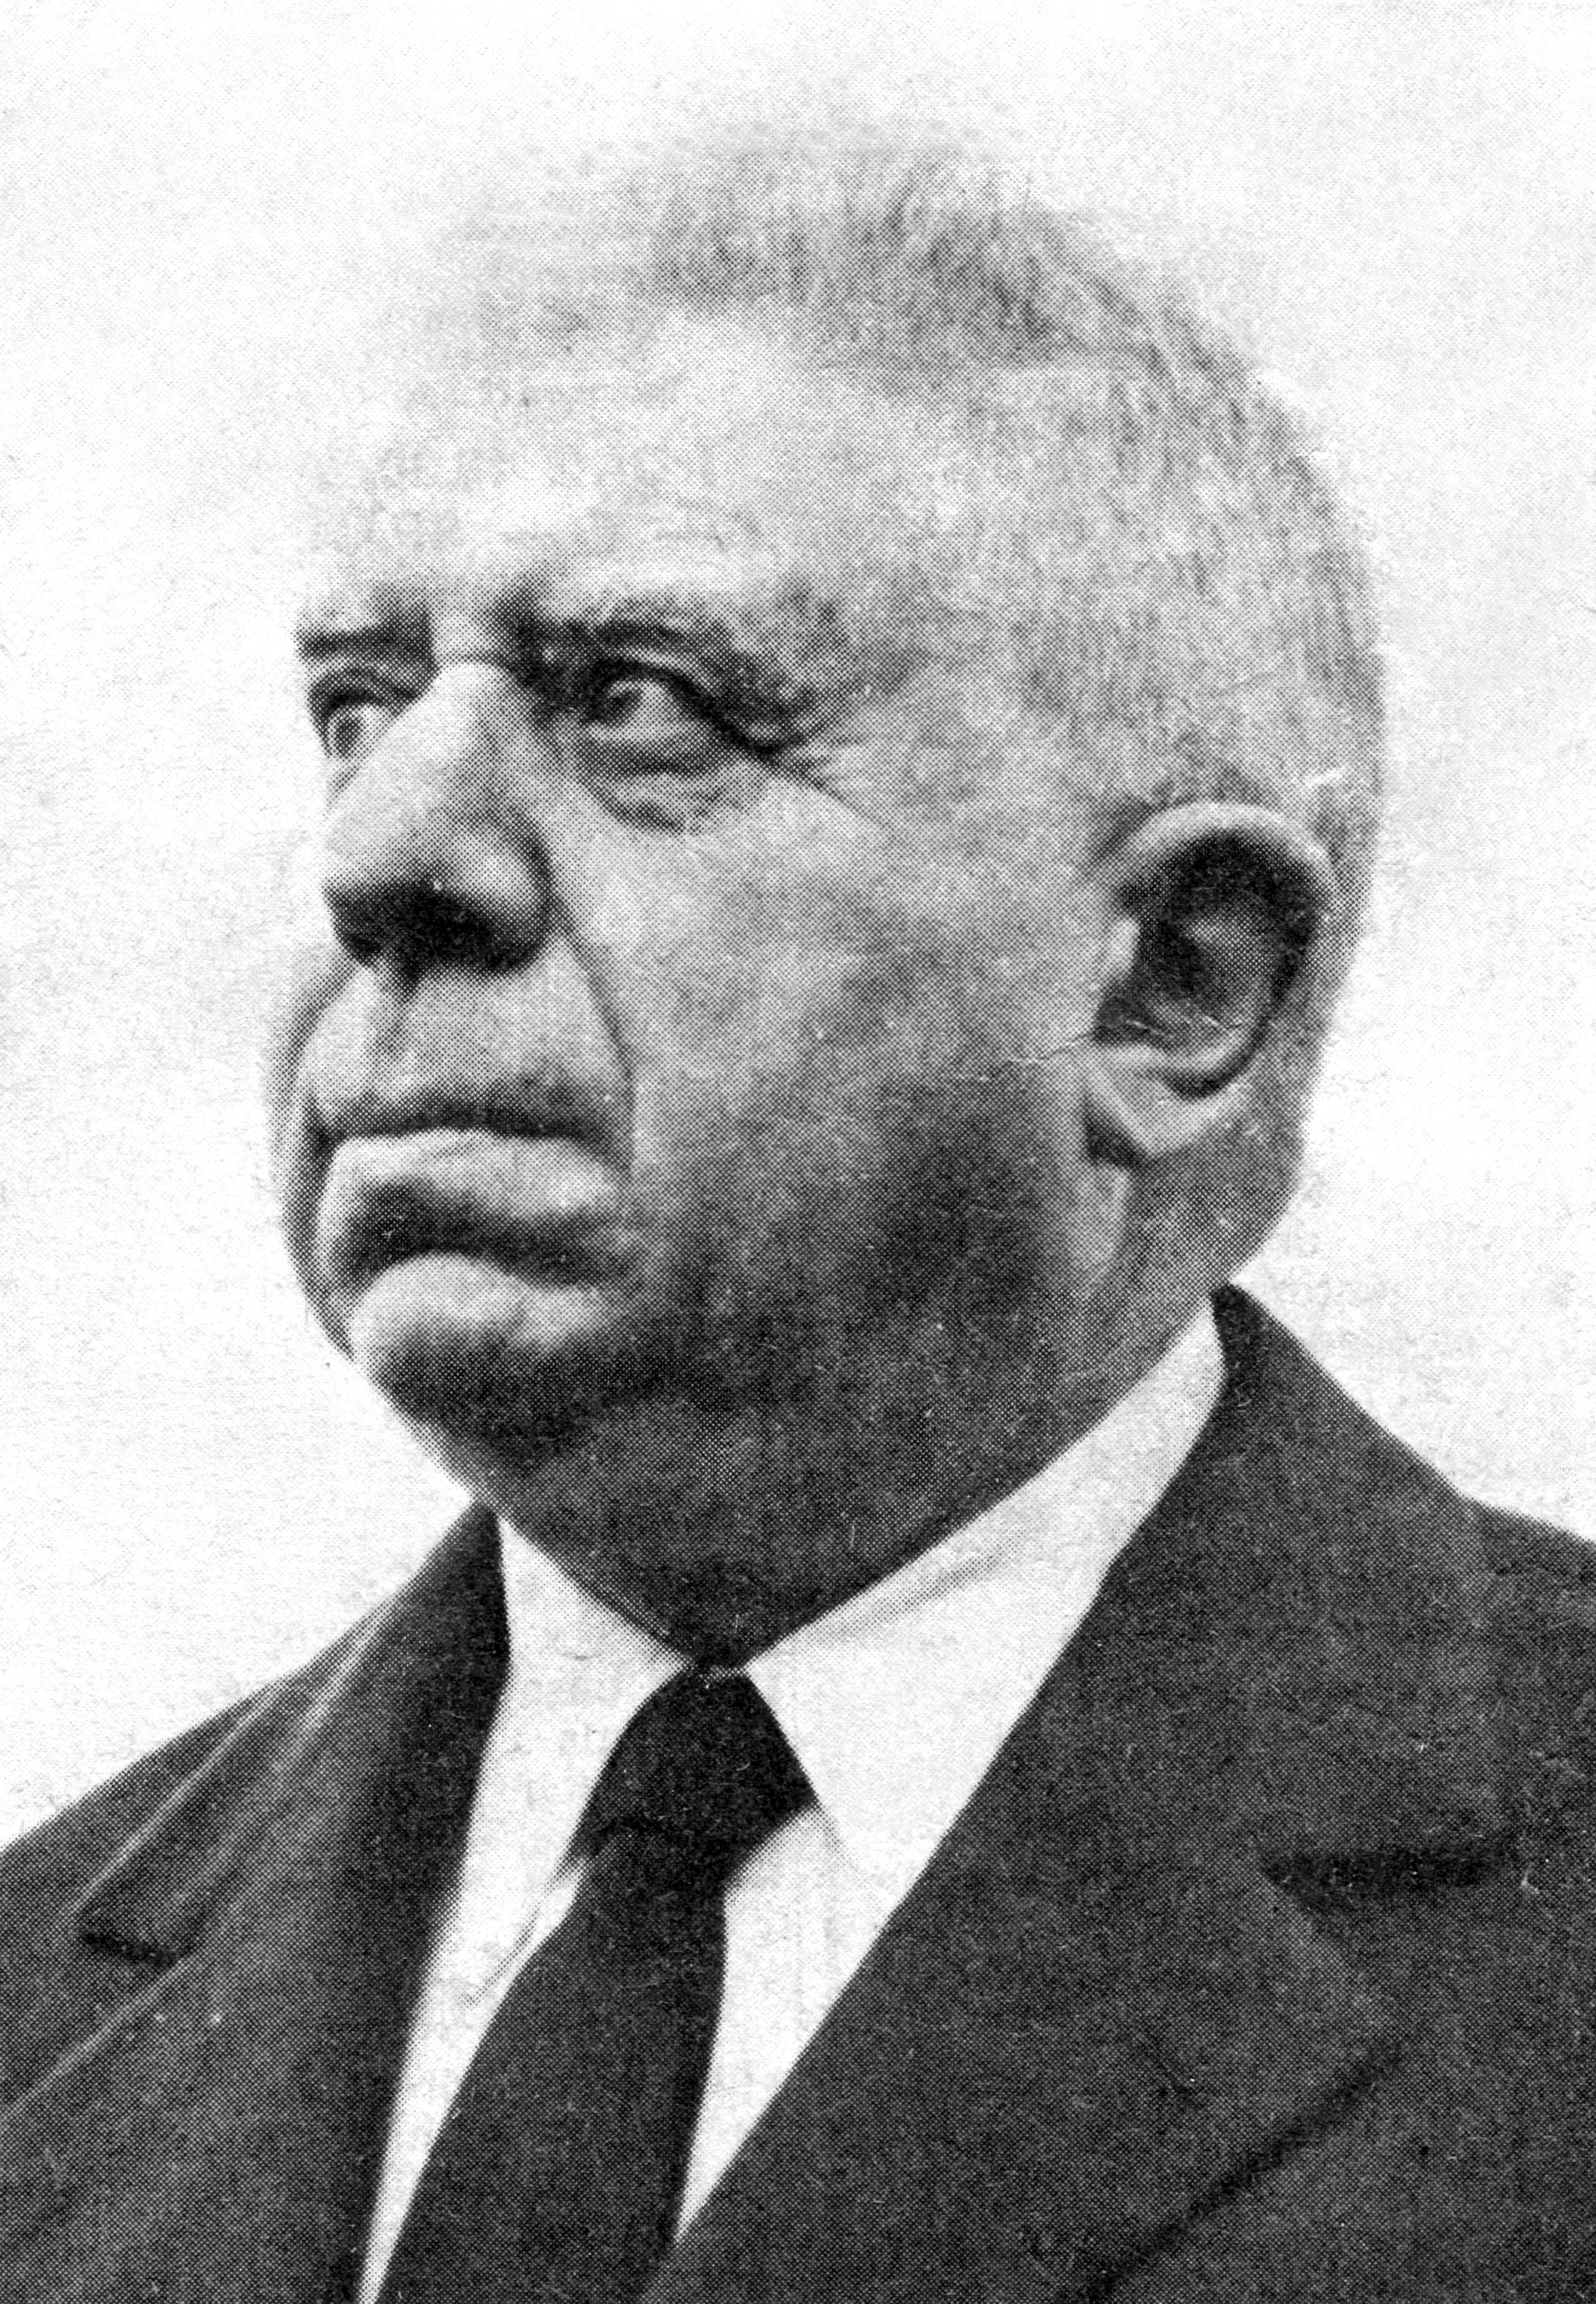 Eugenio Montale nel 1975